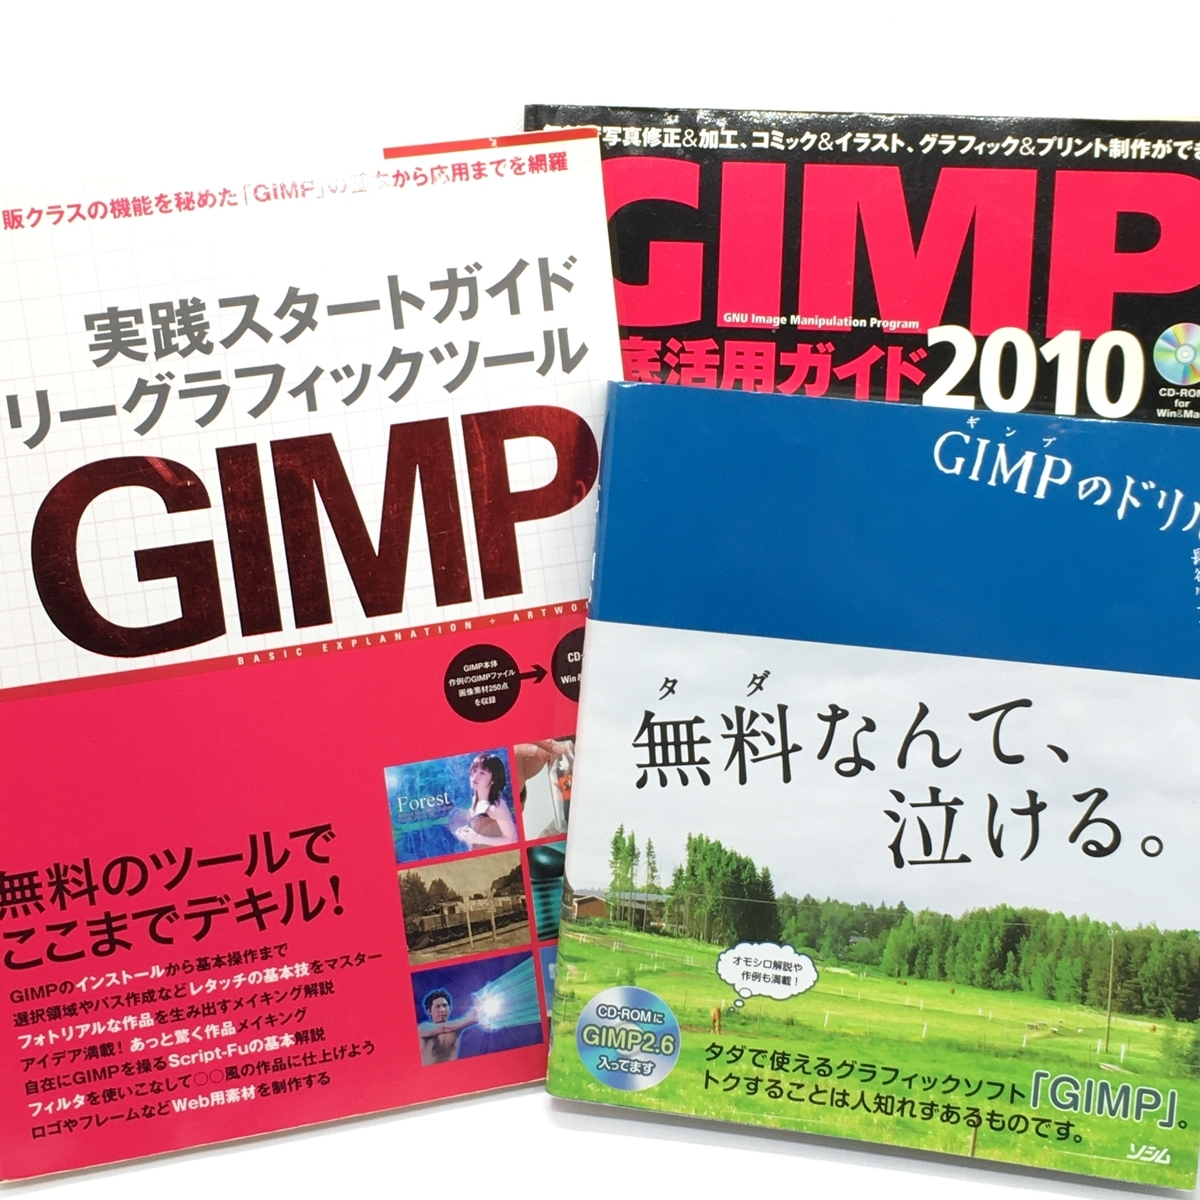 ミモモスティがGIMPをマスターするために10年以上かけて読みこんできた書籍たち